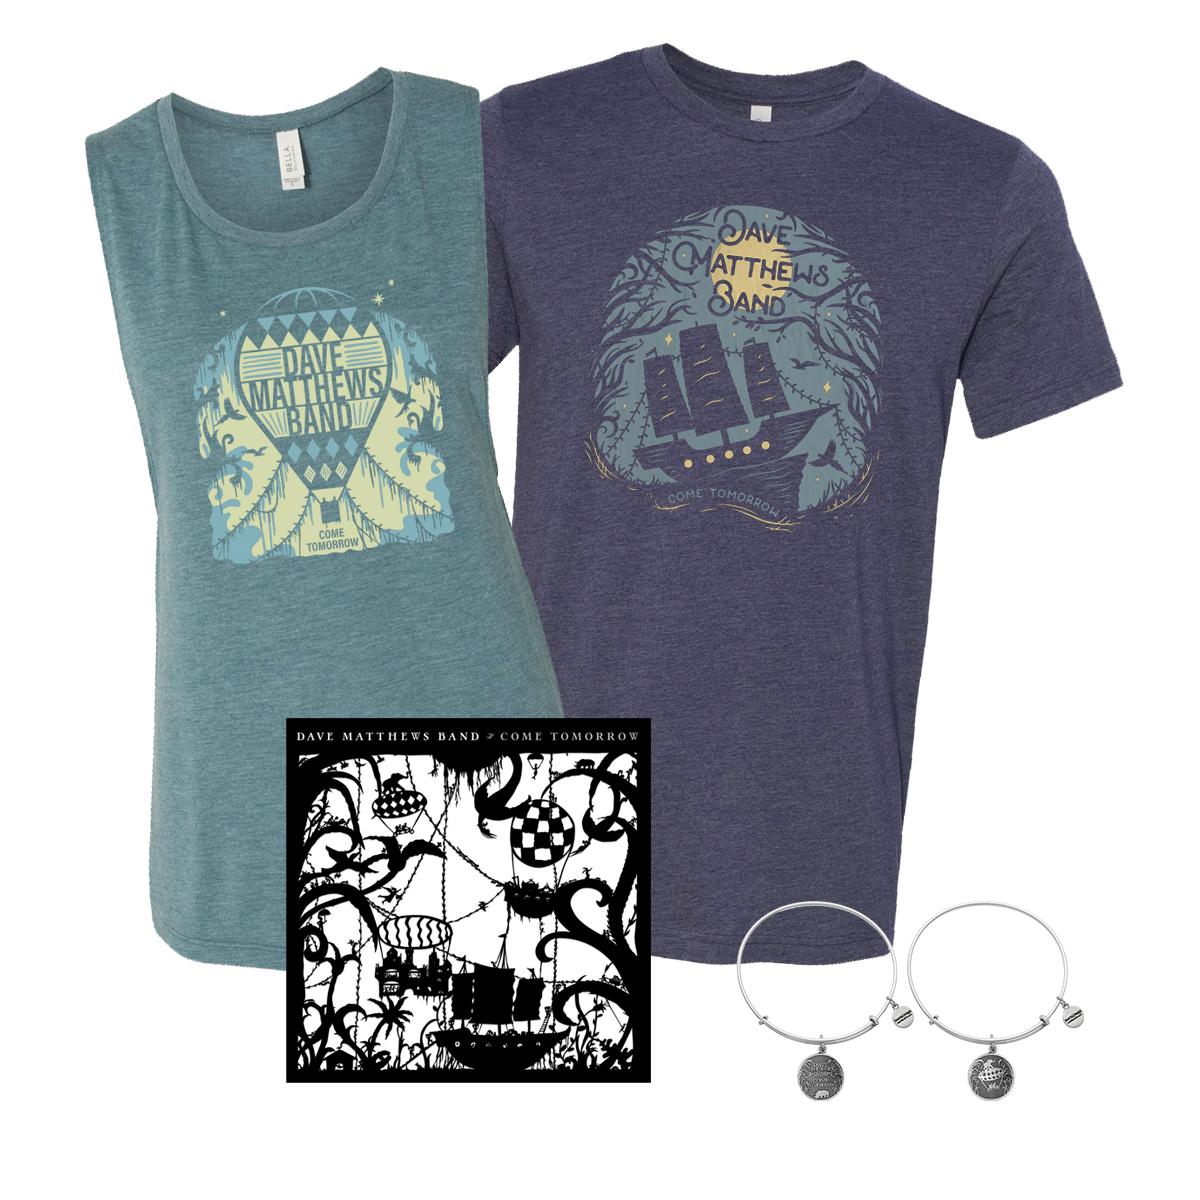 Come Tomorrow + Shirt + Silver Charm Bracelet Bundle